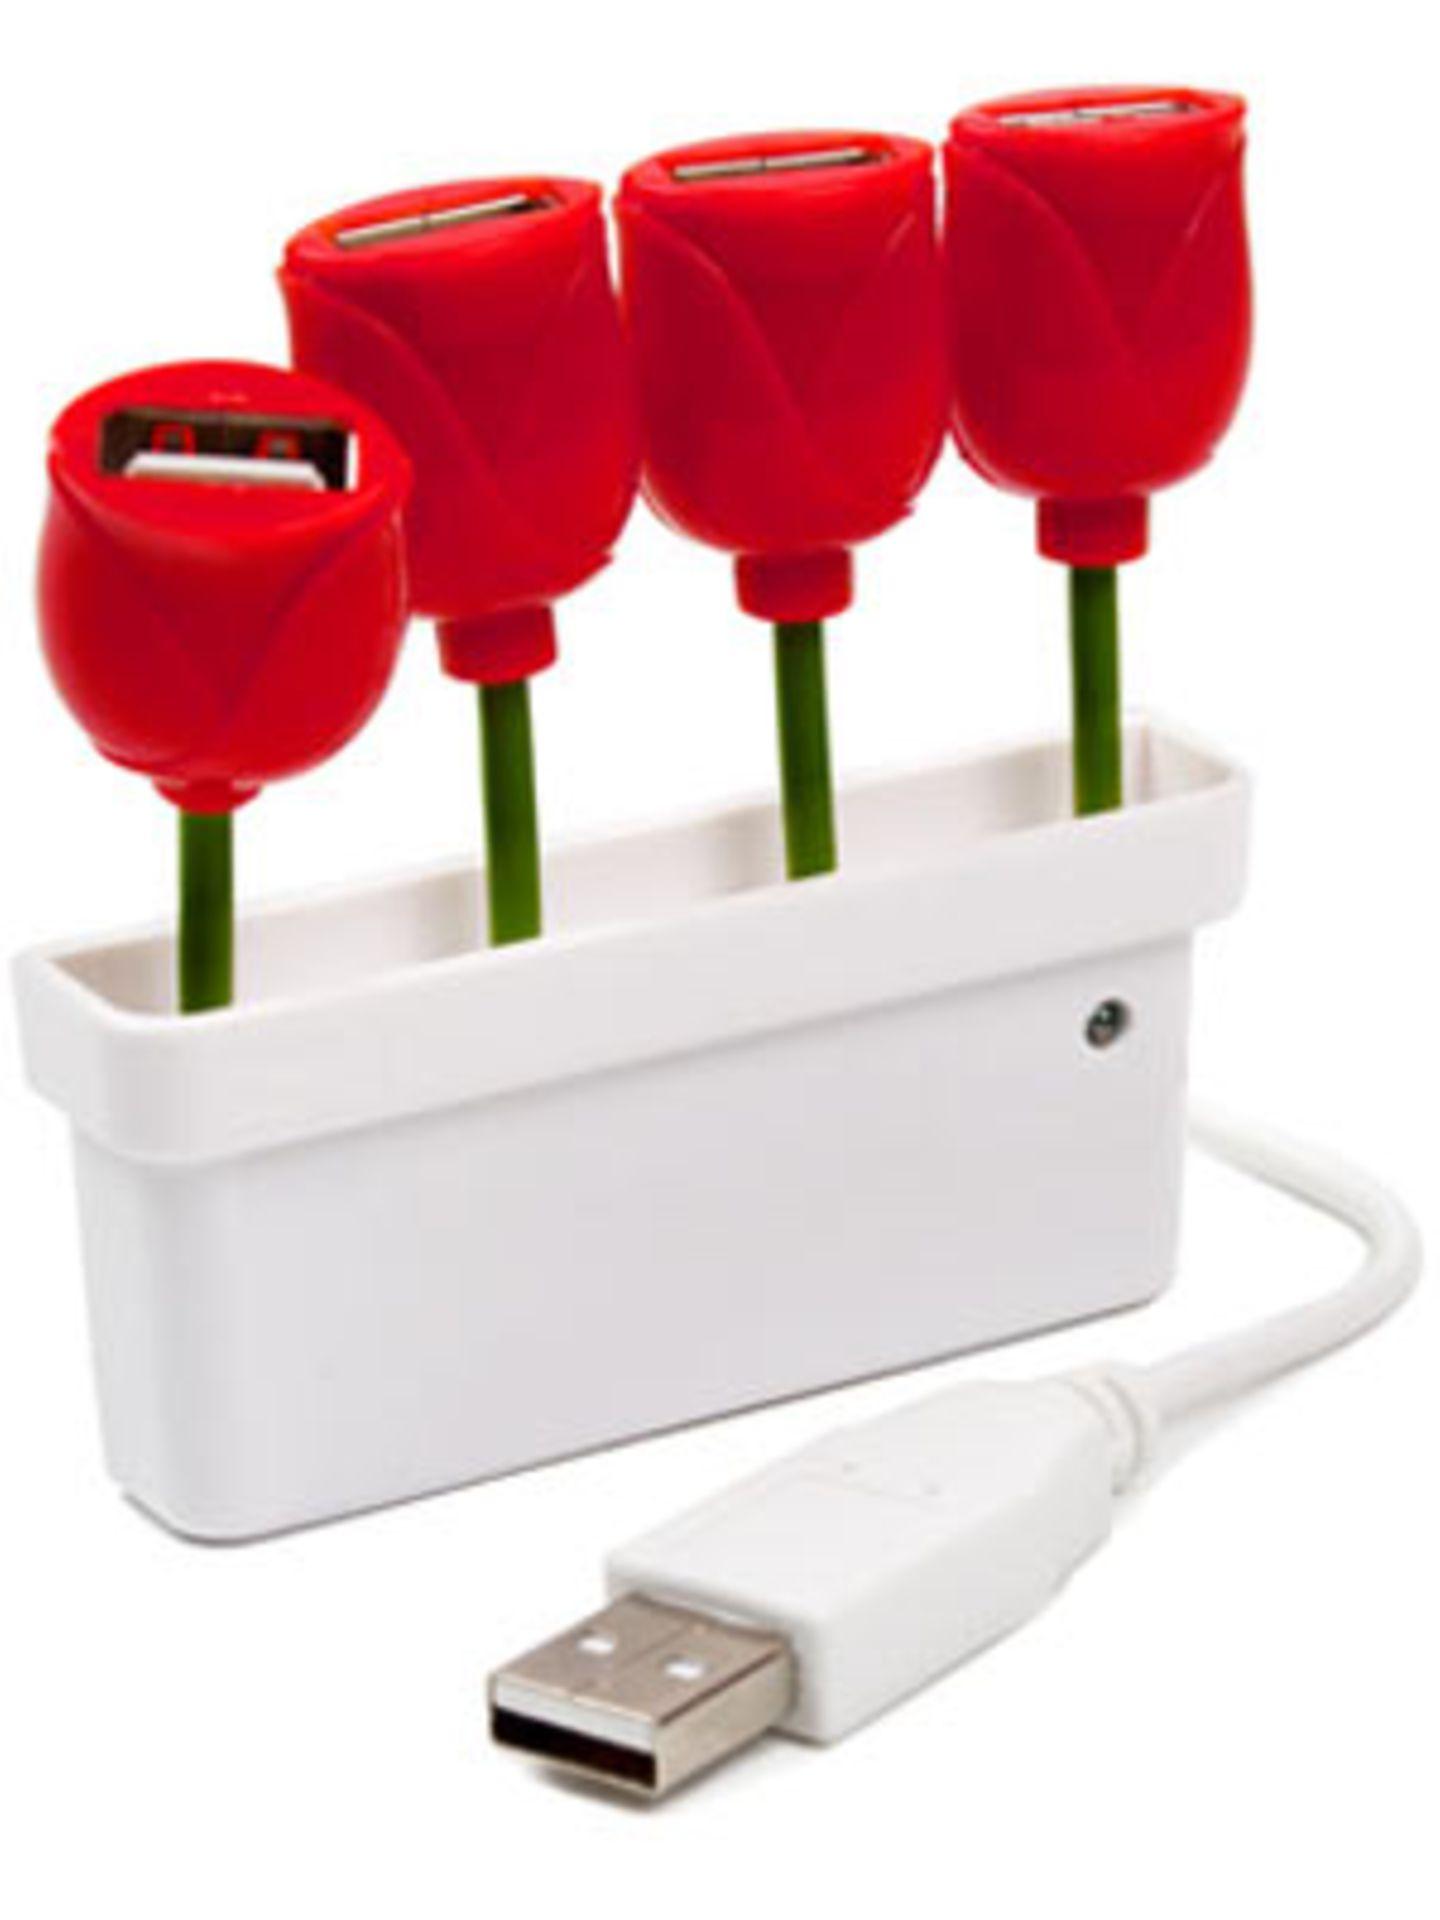 USB-Stick mit frühlingshaften Tulpen von fredflare.com, um 25 Euro.